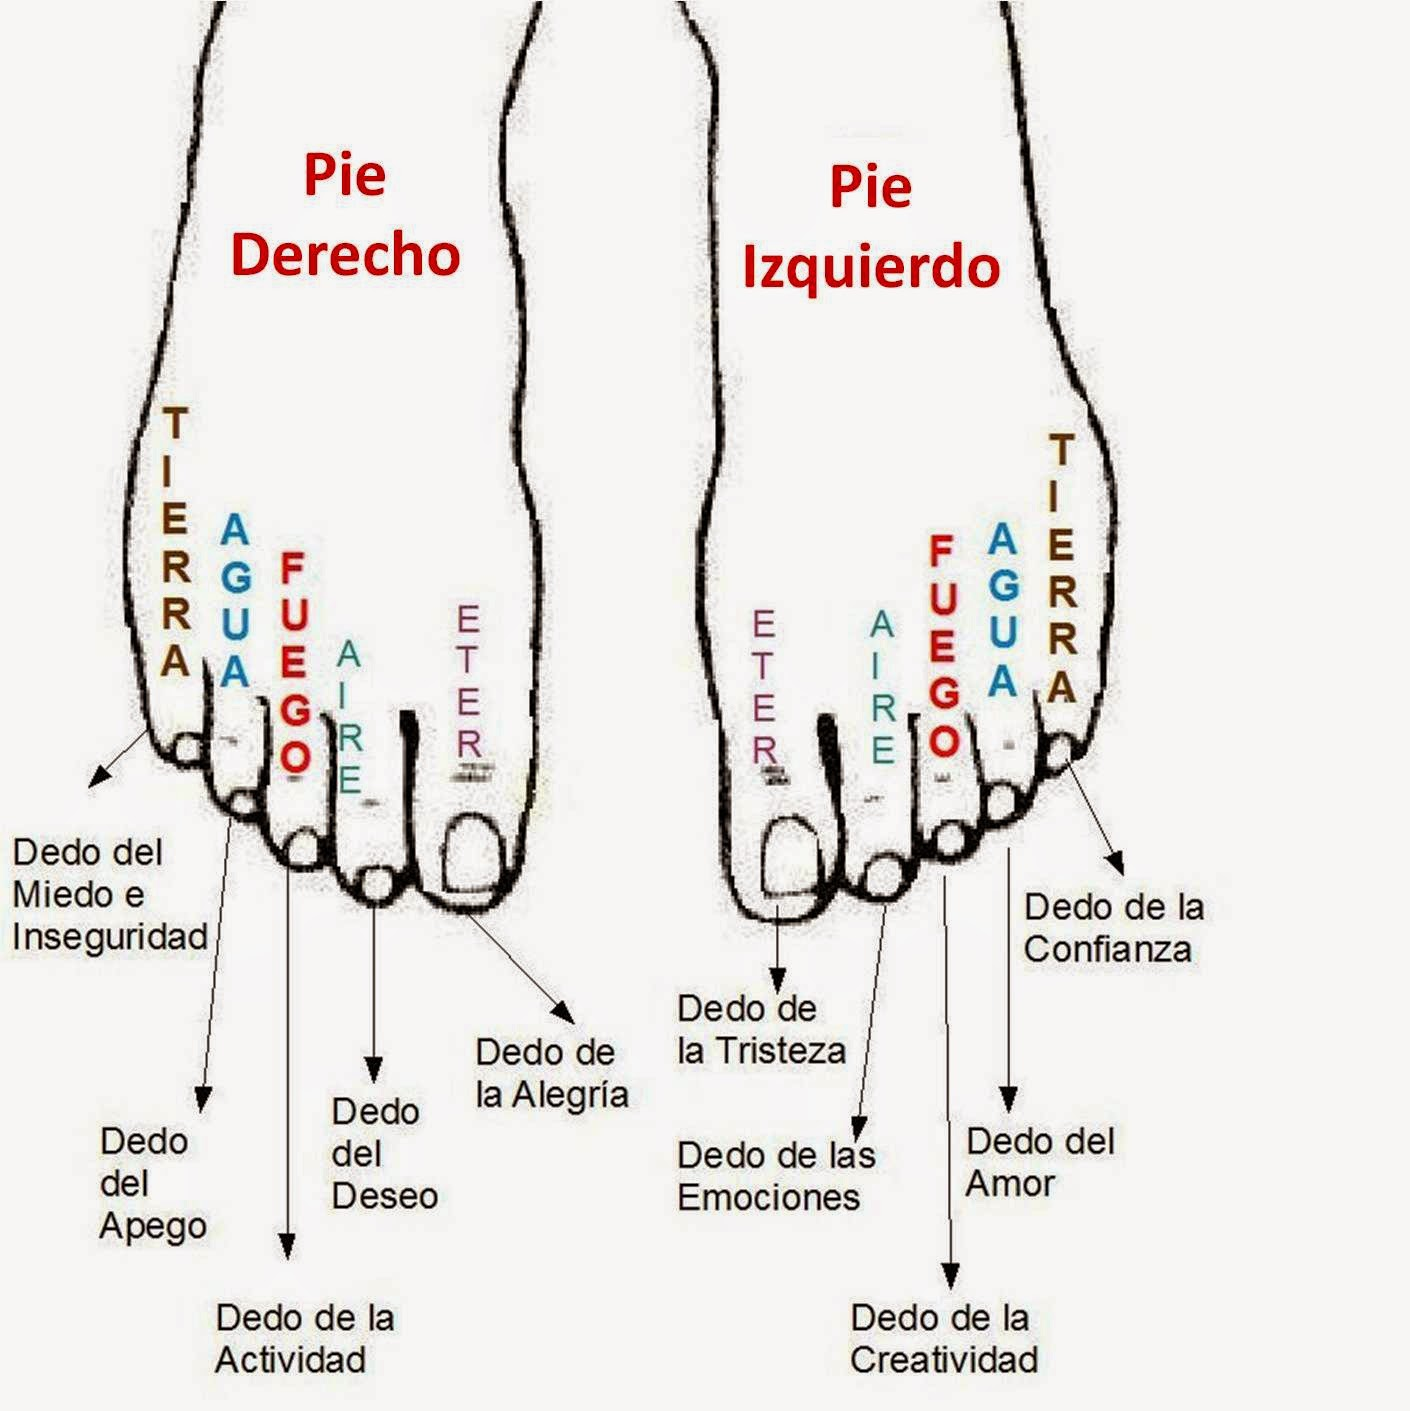 http://2.bp.blogspot.com/-Y1FK1ihThAE/U10j9k5g2jI/AAAAAAAALww/HYX_g9kJ1oM/s1600/Los-pies-reflejo-de-la-personalidad-img-2.jpg